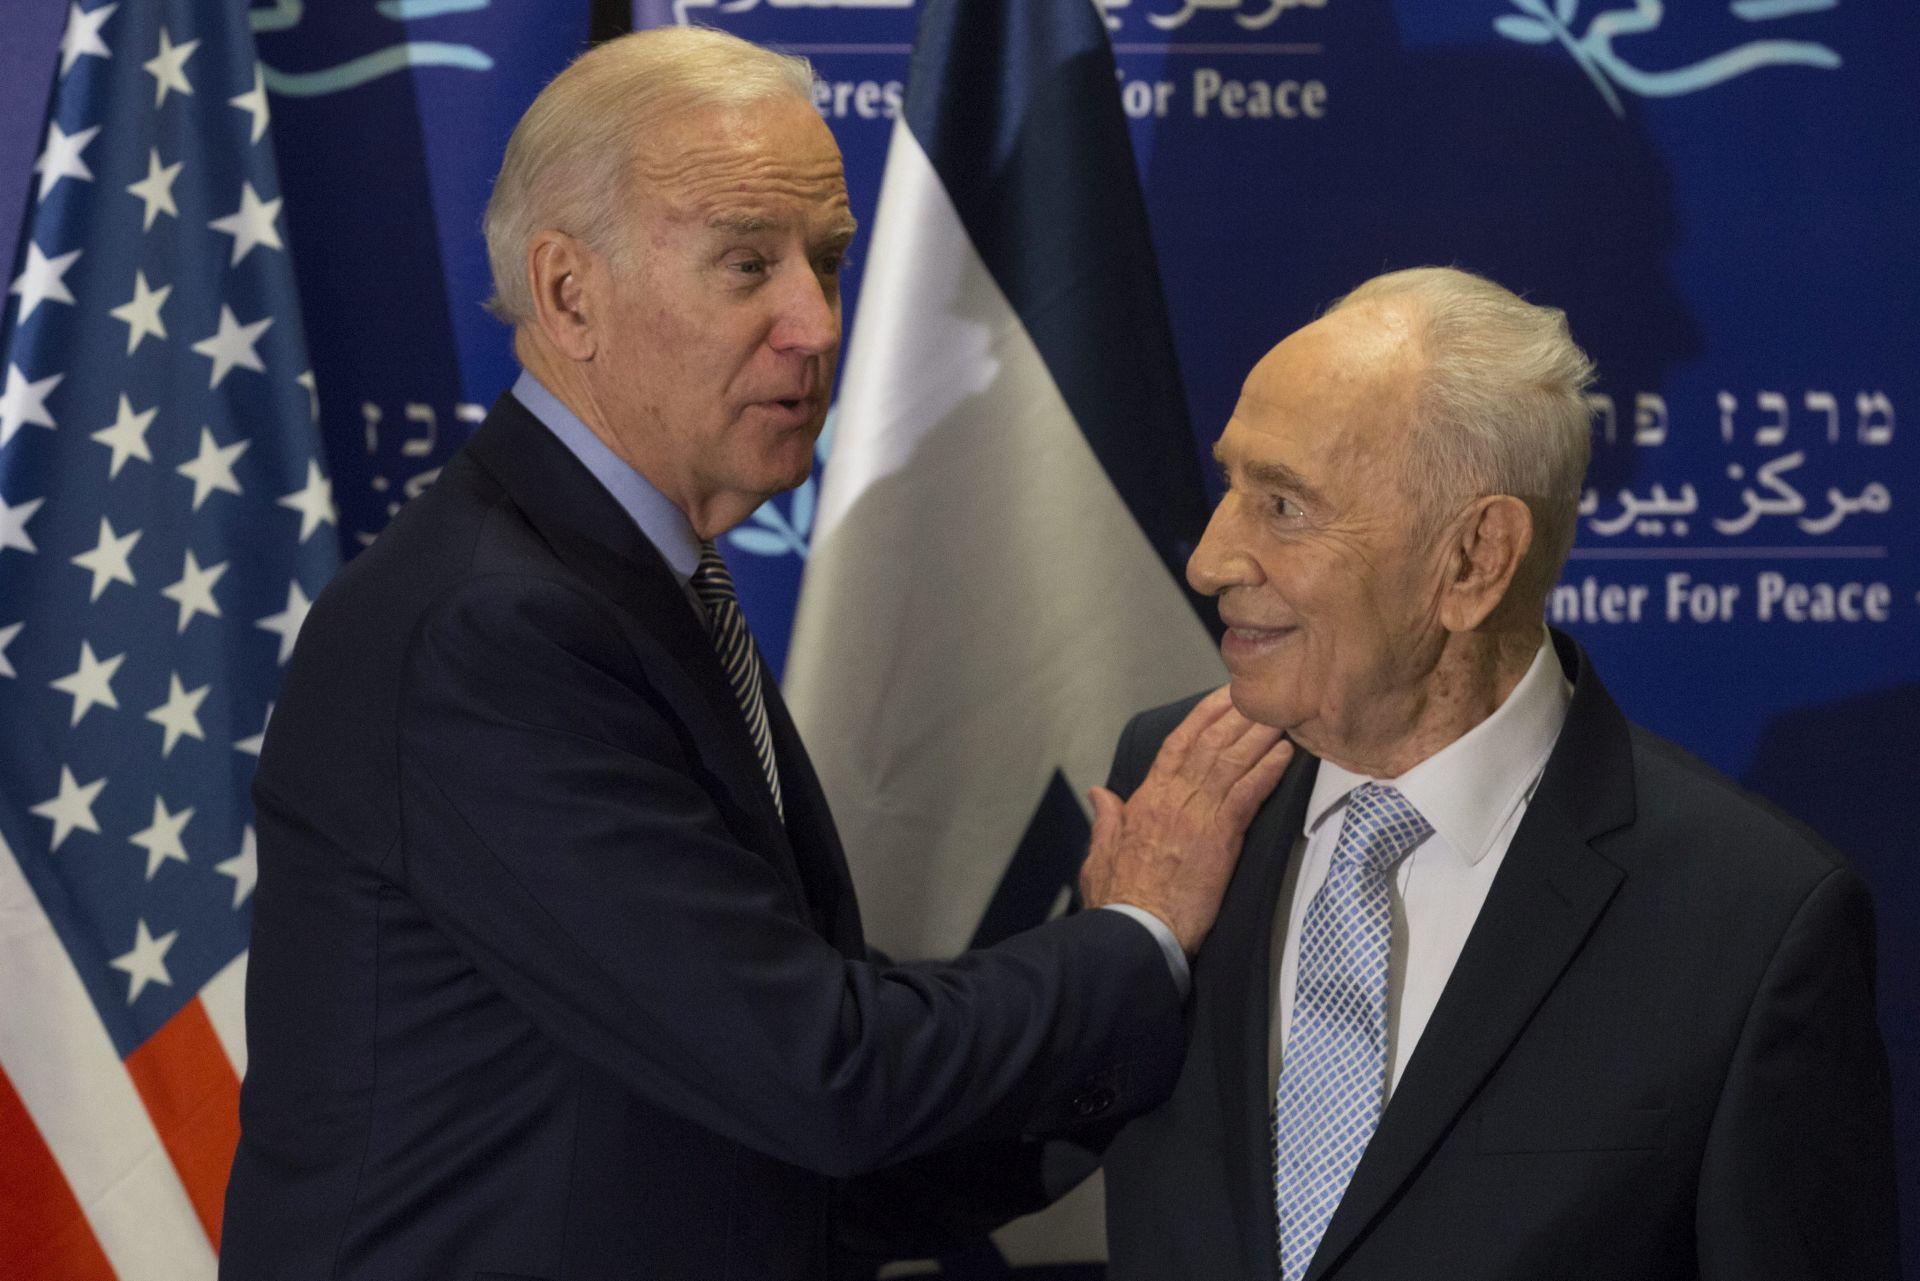 Novi napadi nožem: Prije početka službenog posjeta Joea Bidena Izraelu, jedna osoba ubijena